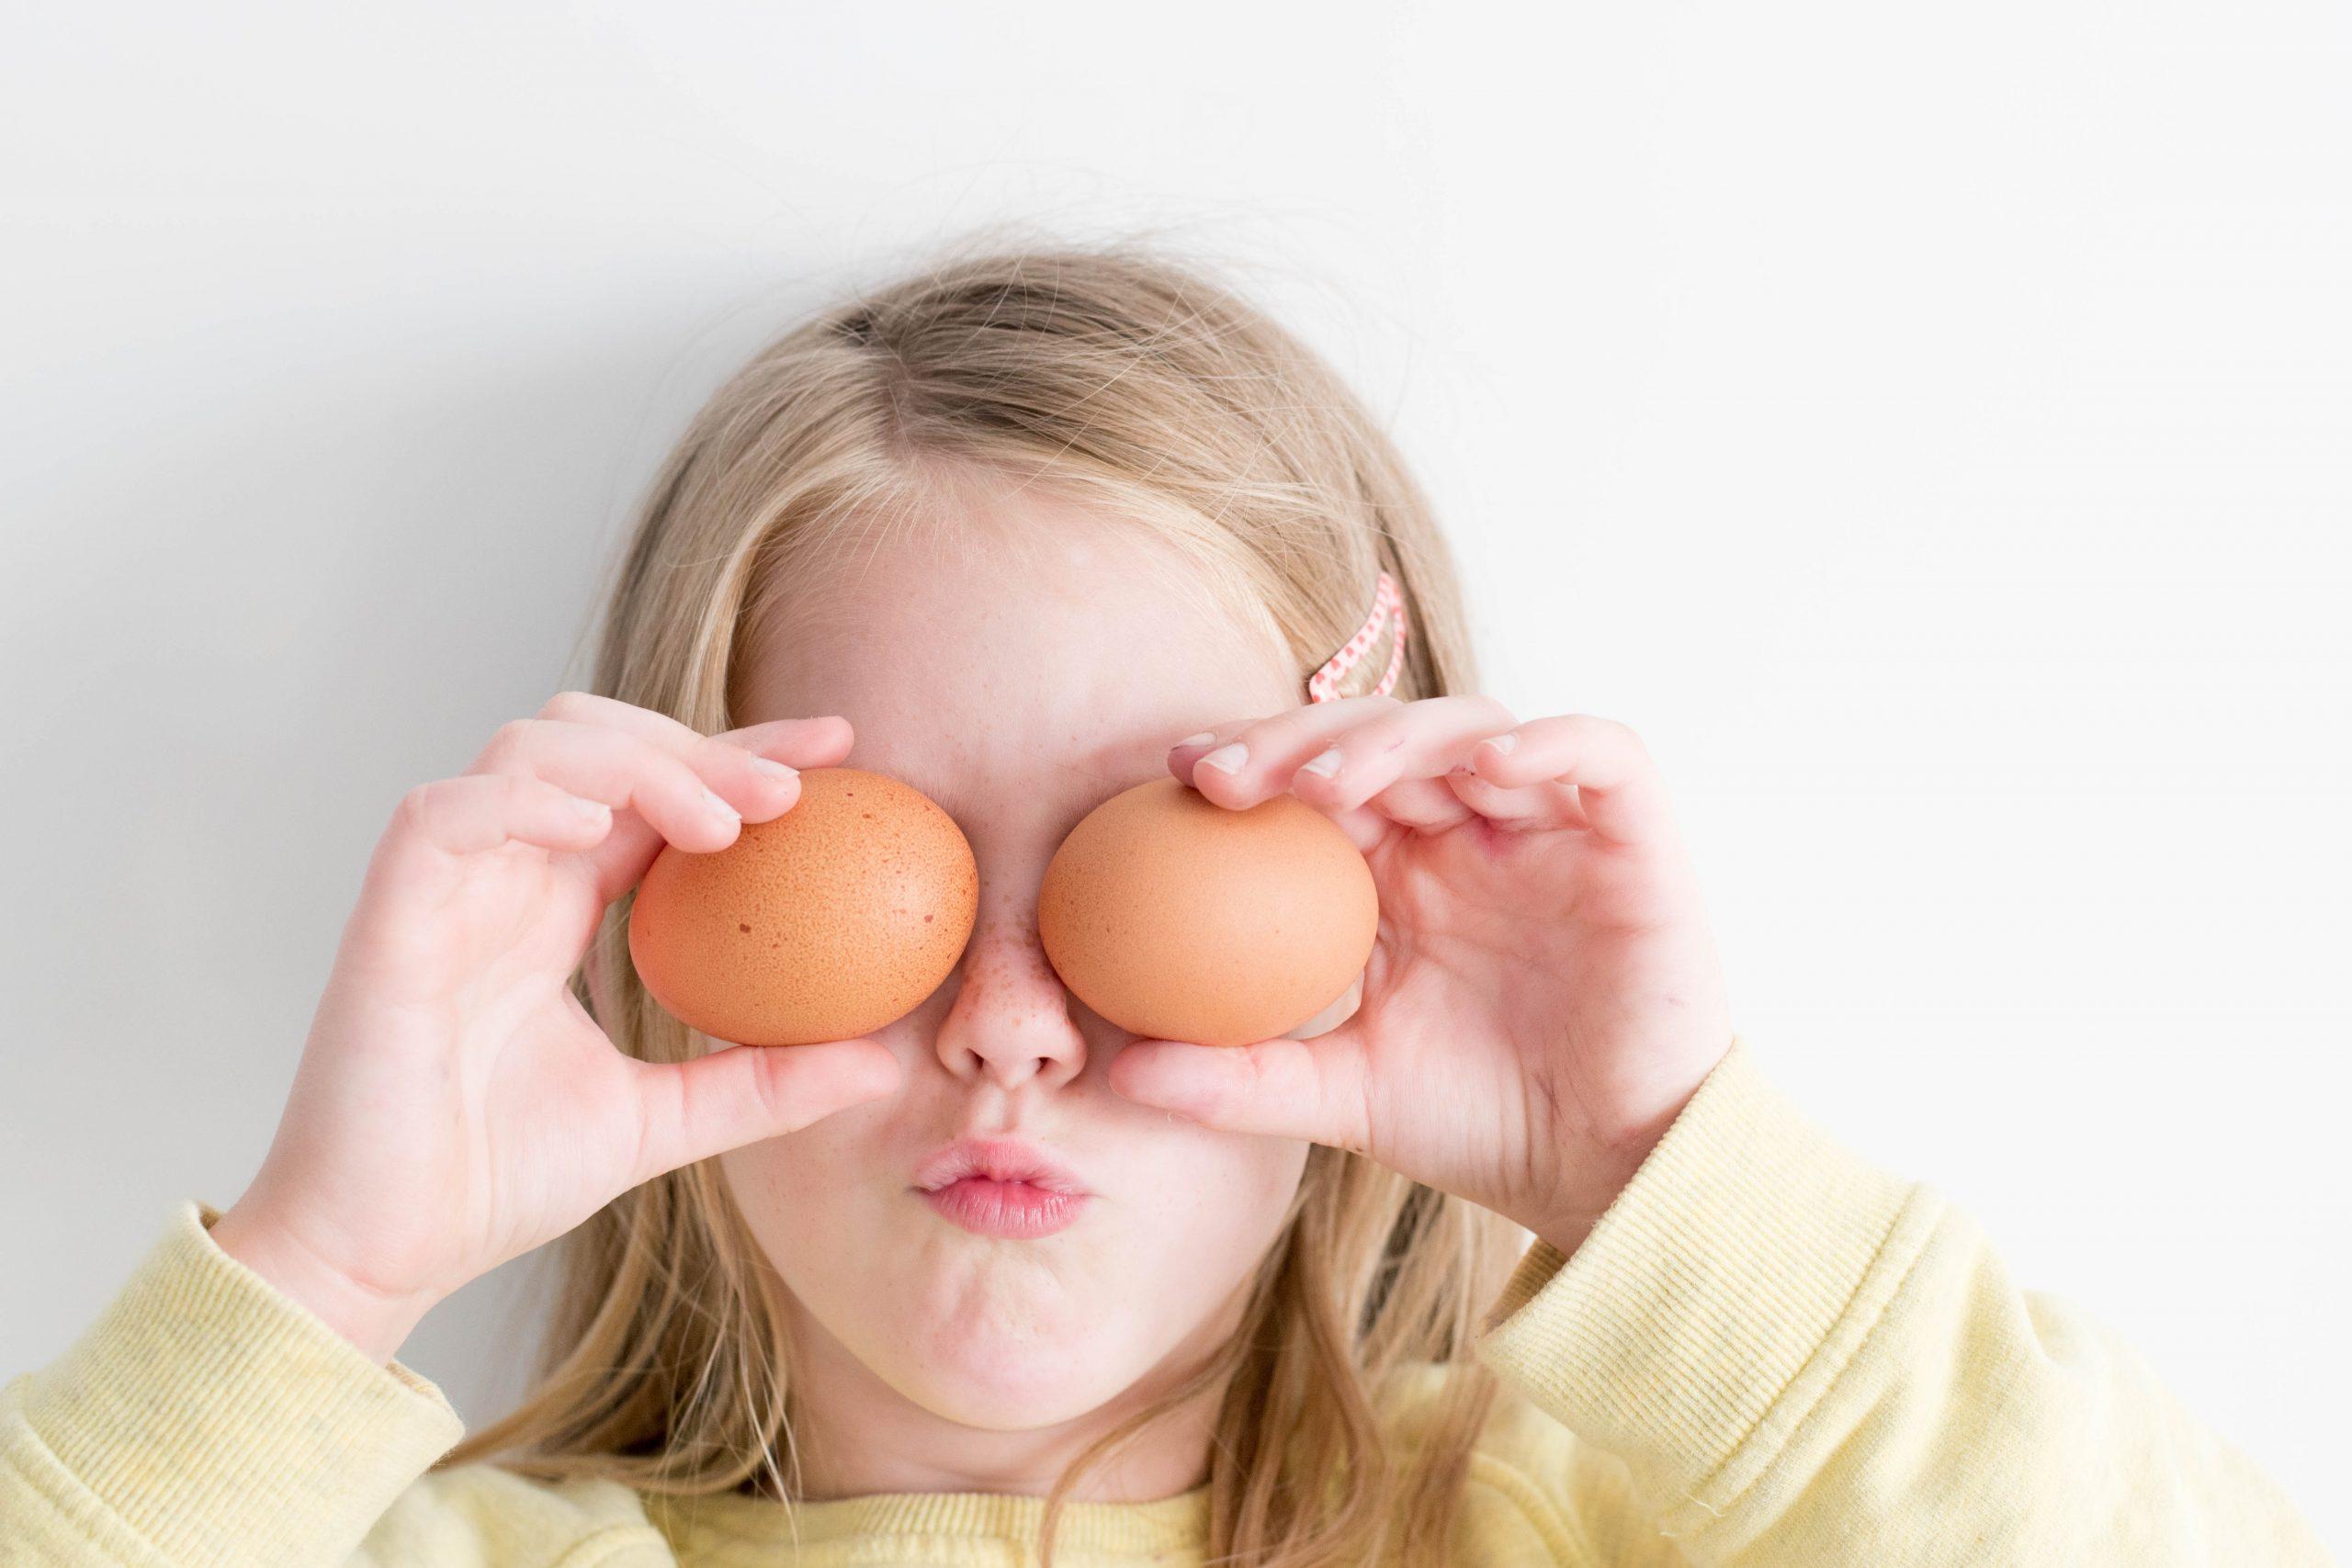 Mädchen mit Eiern